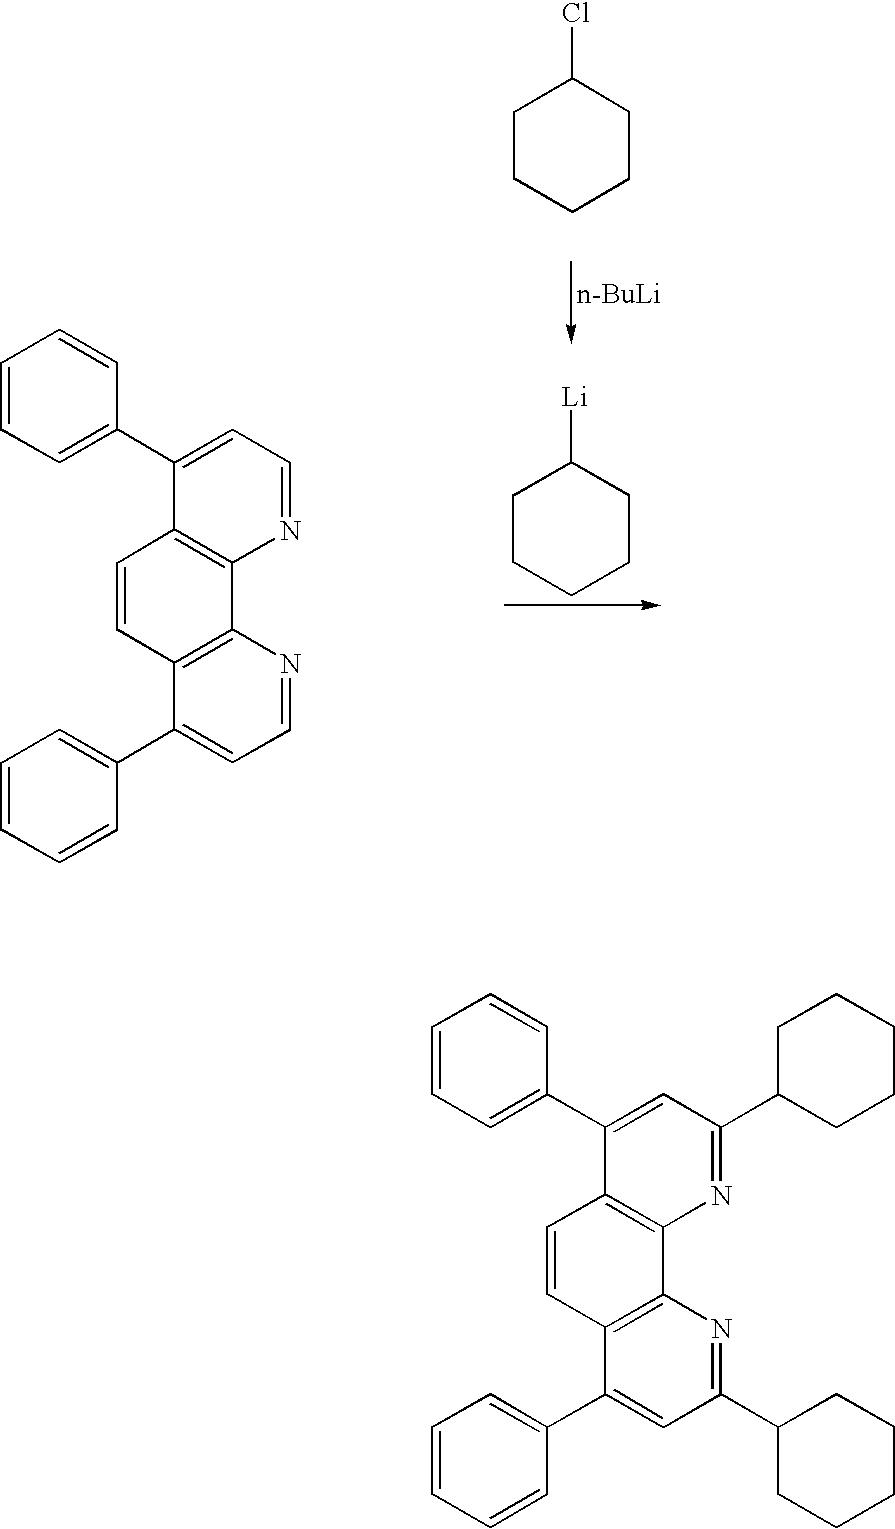 Figure US20050073641A1-20050407-C00064